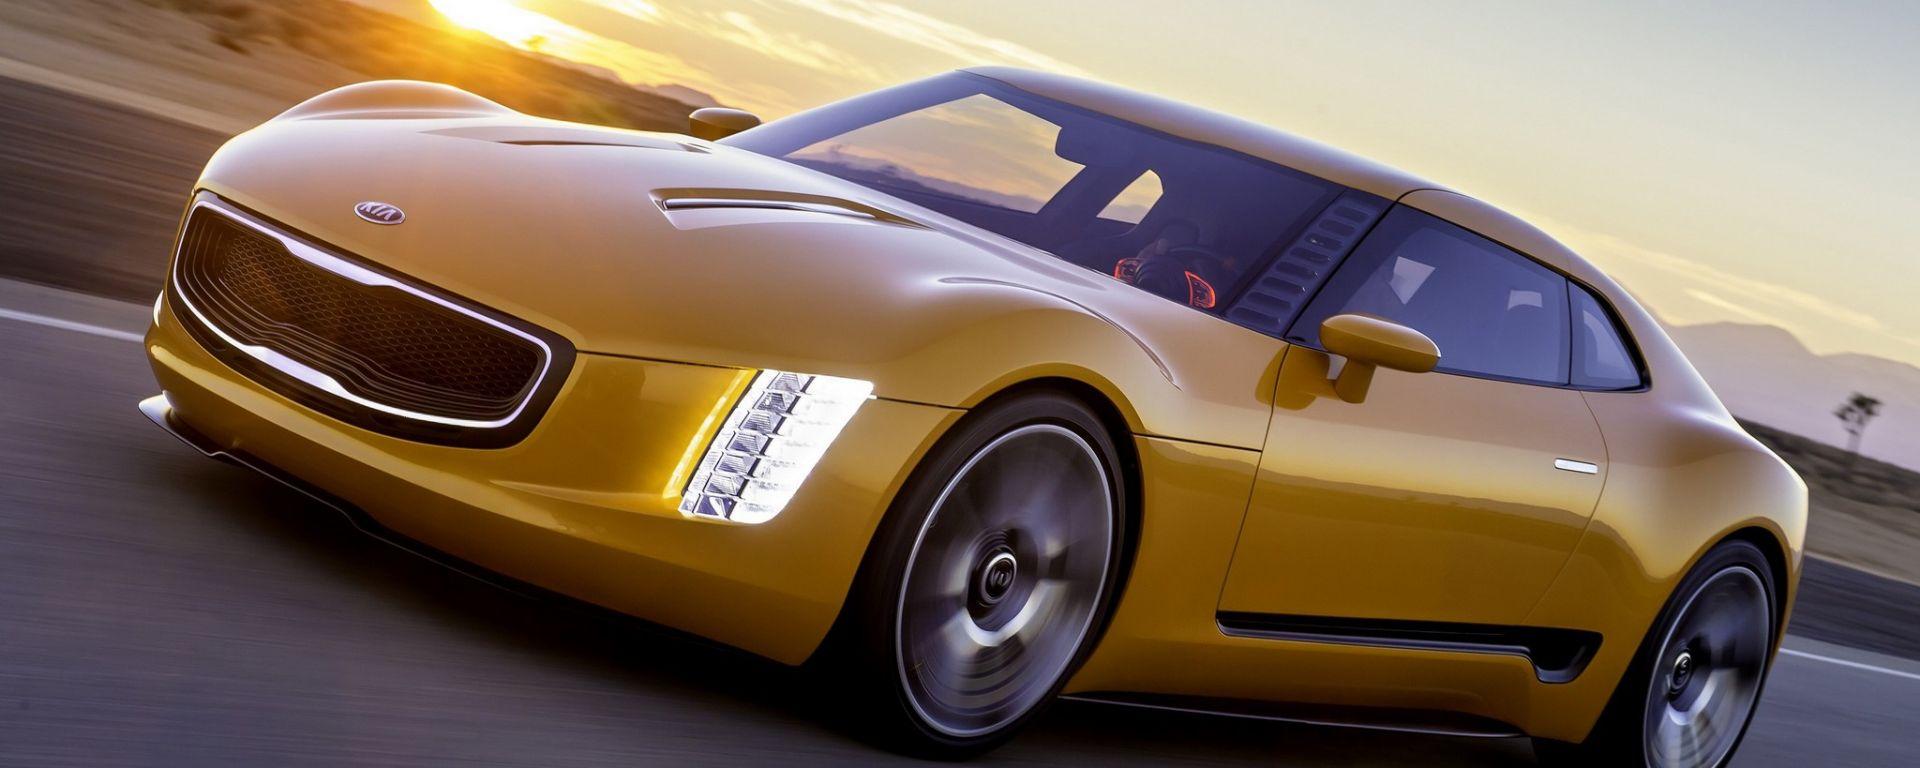 Kia GT4 Stinger: le foto ufficiali